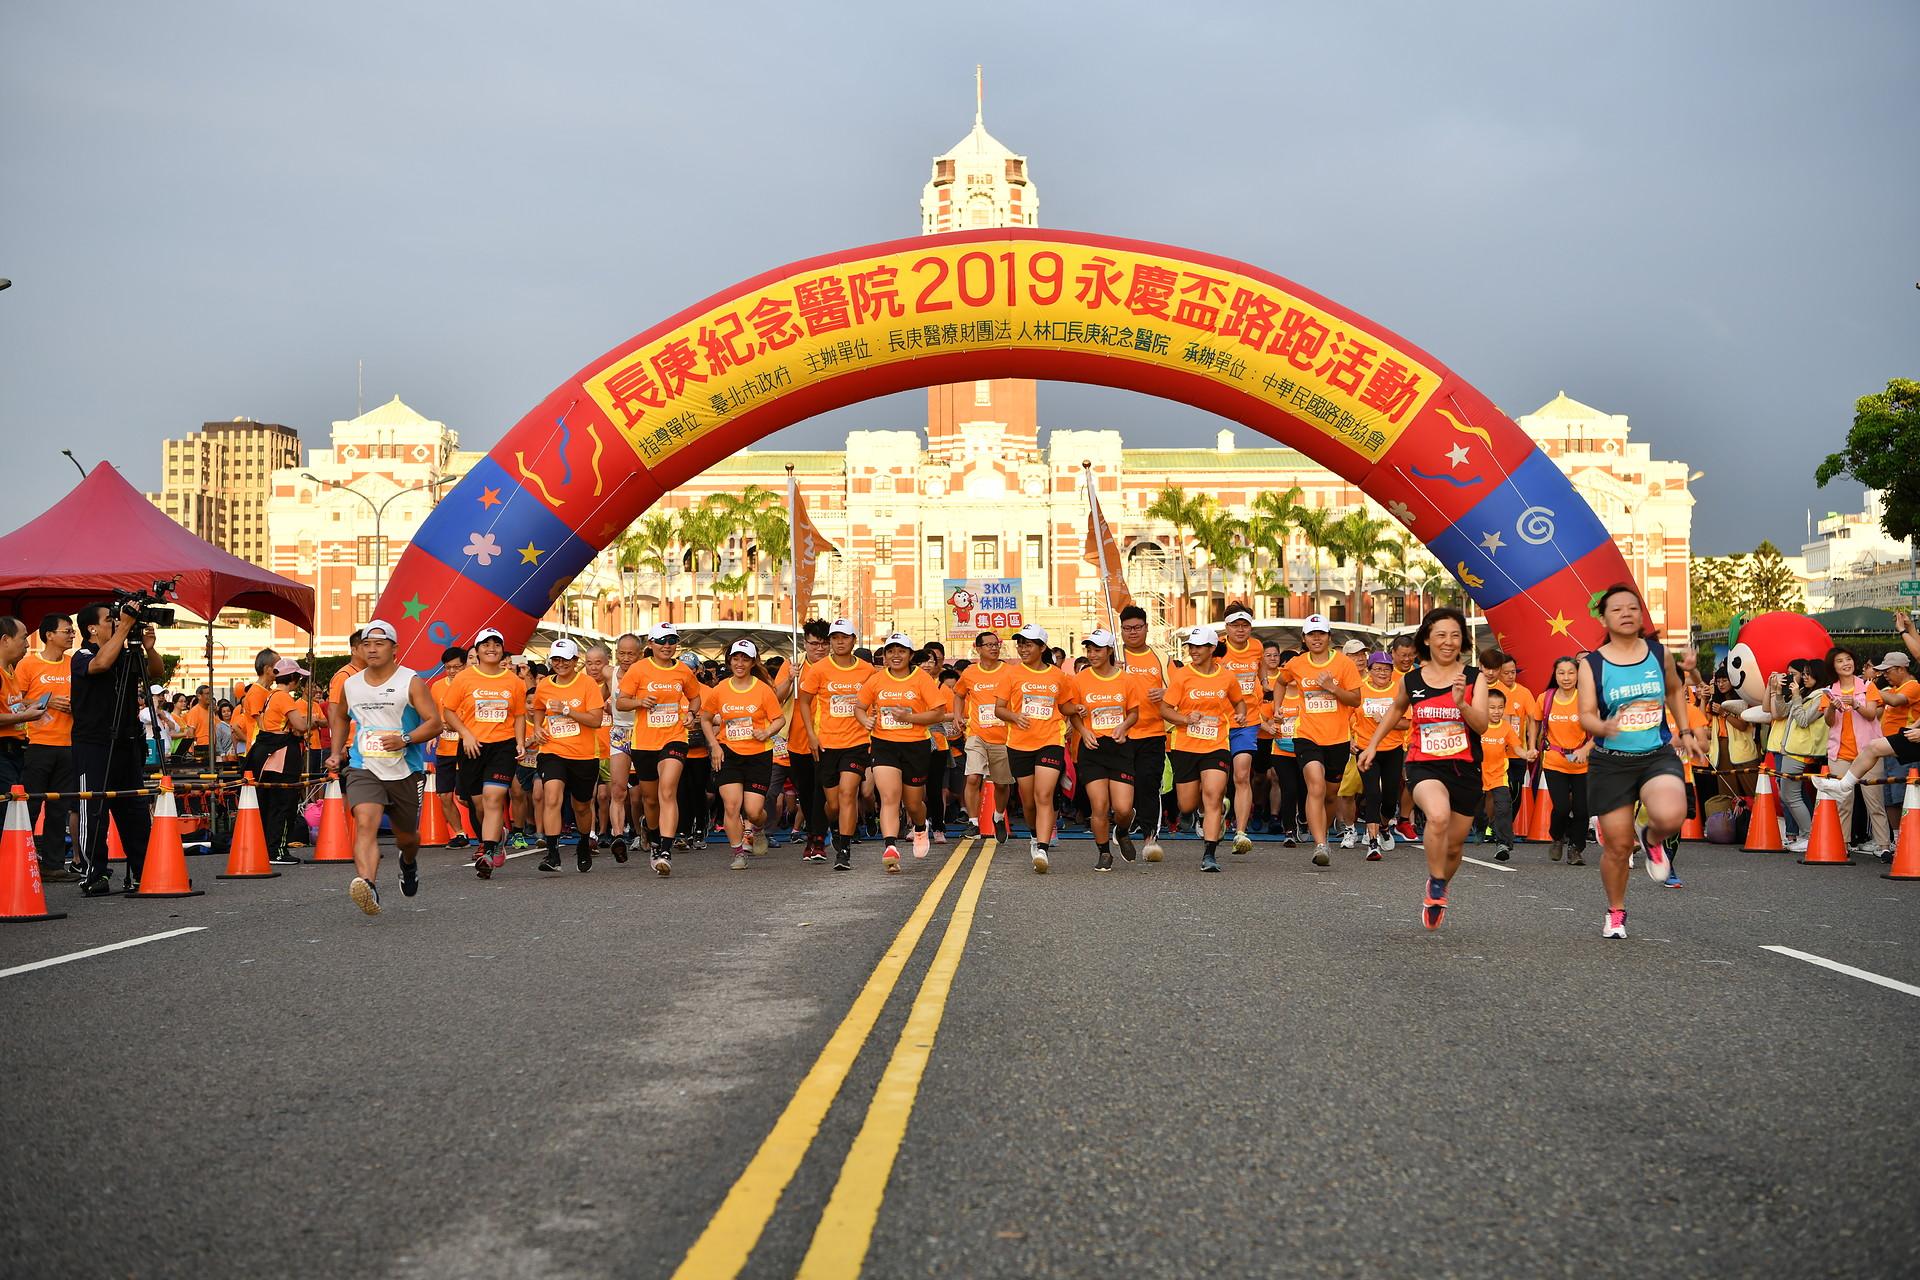 2019年永慶盃路跑於台北、嘉義、高雄三地起跑圓滿成功